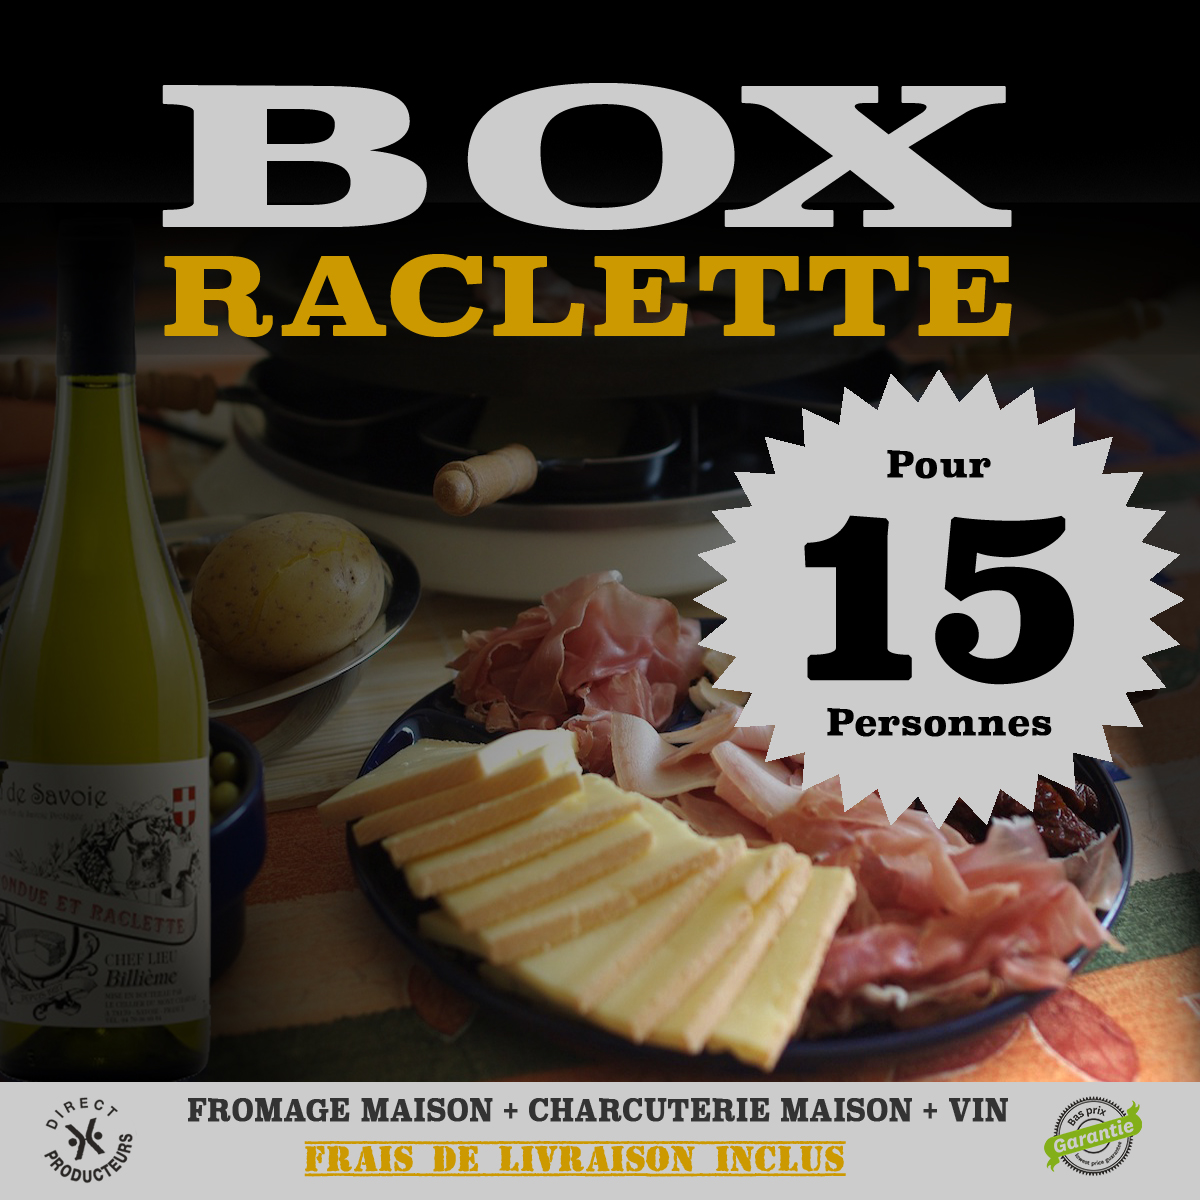 box raclette 15 personnes terroirs des alpes. Black Bedroom Furniture Sets. Home Design Ideas